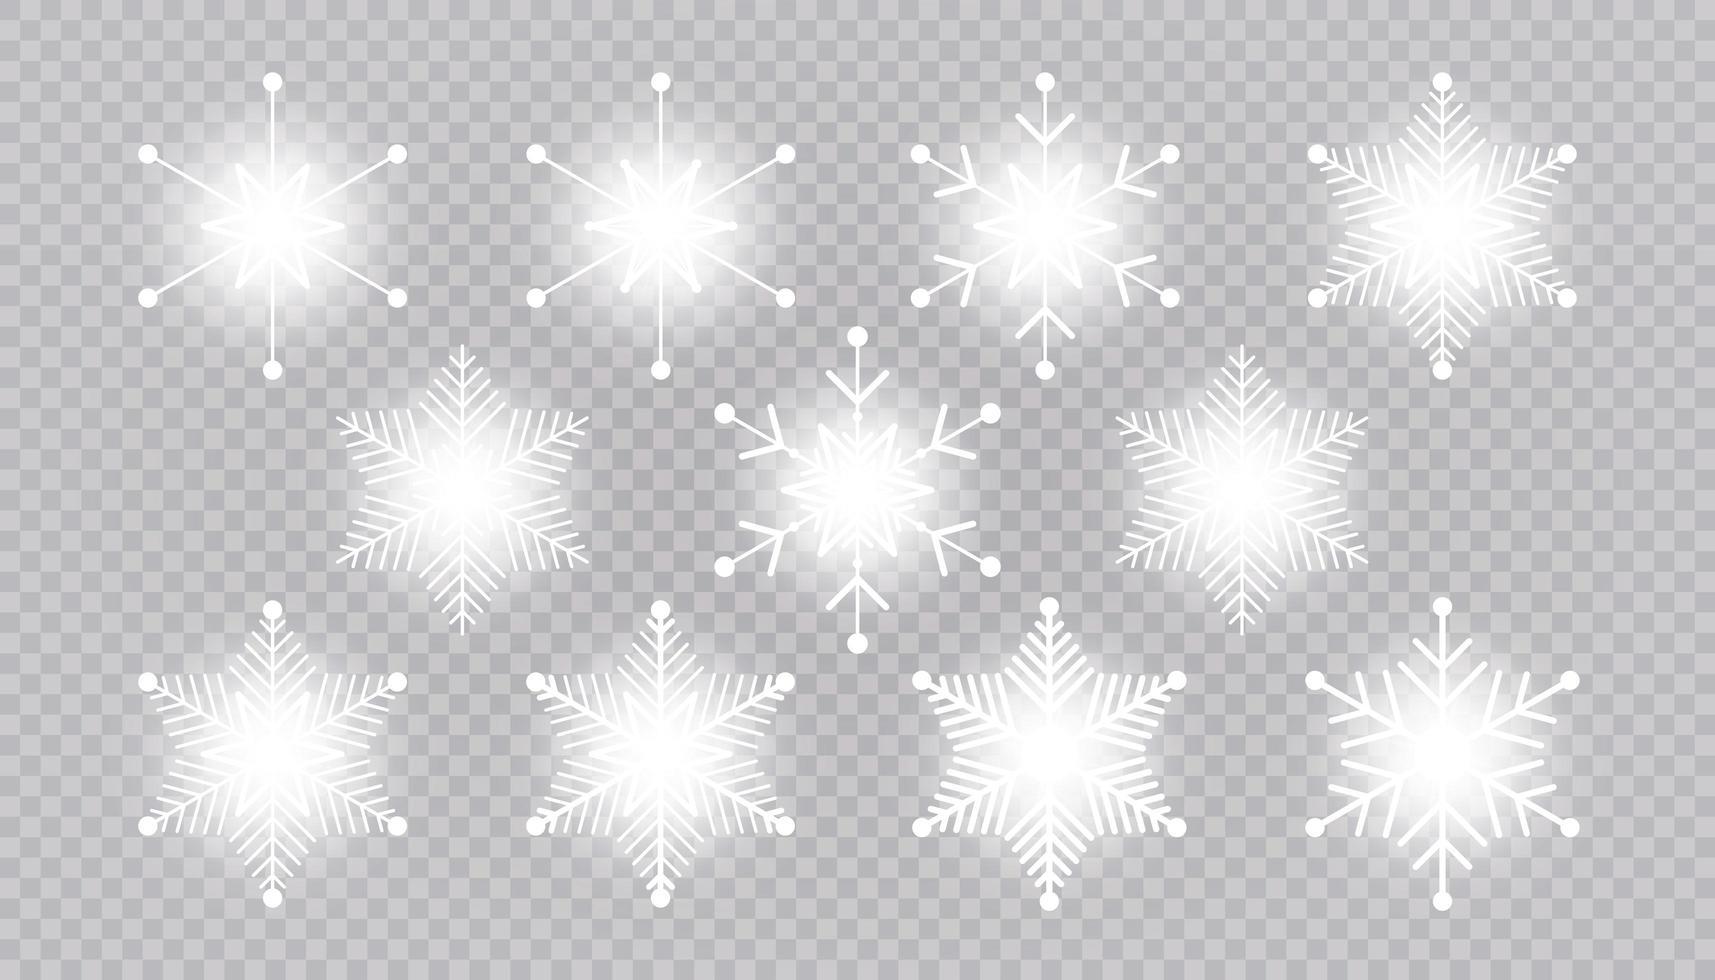 vector gran conjunto de elementos de diseño de copo de nieve de luz blanca